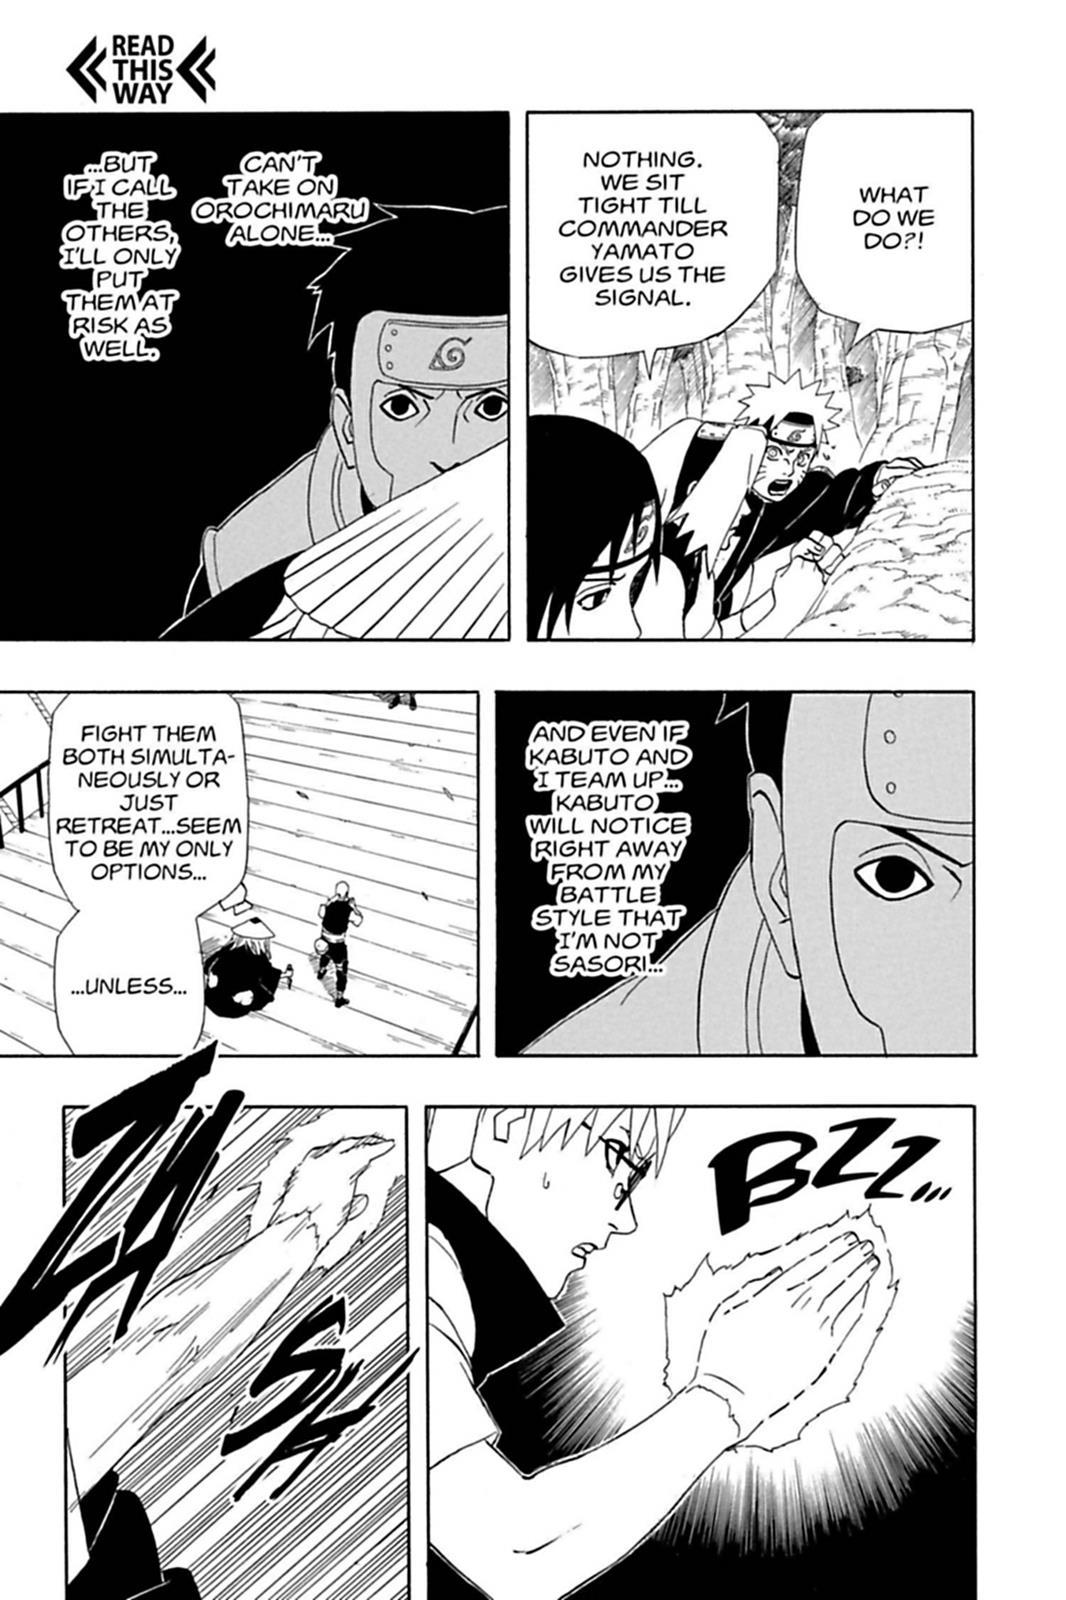 Mais poderoso do que você imagina #1: Orochimaru 0290-016